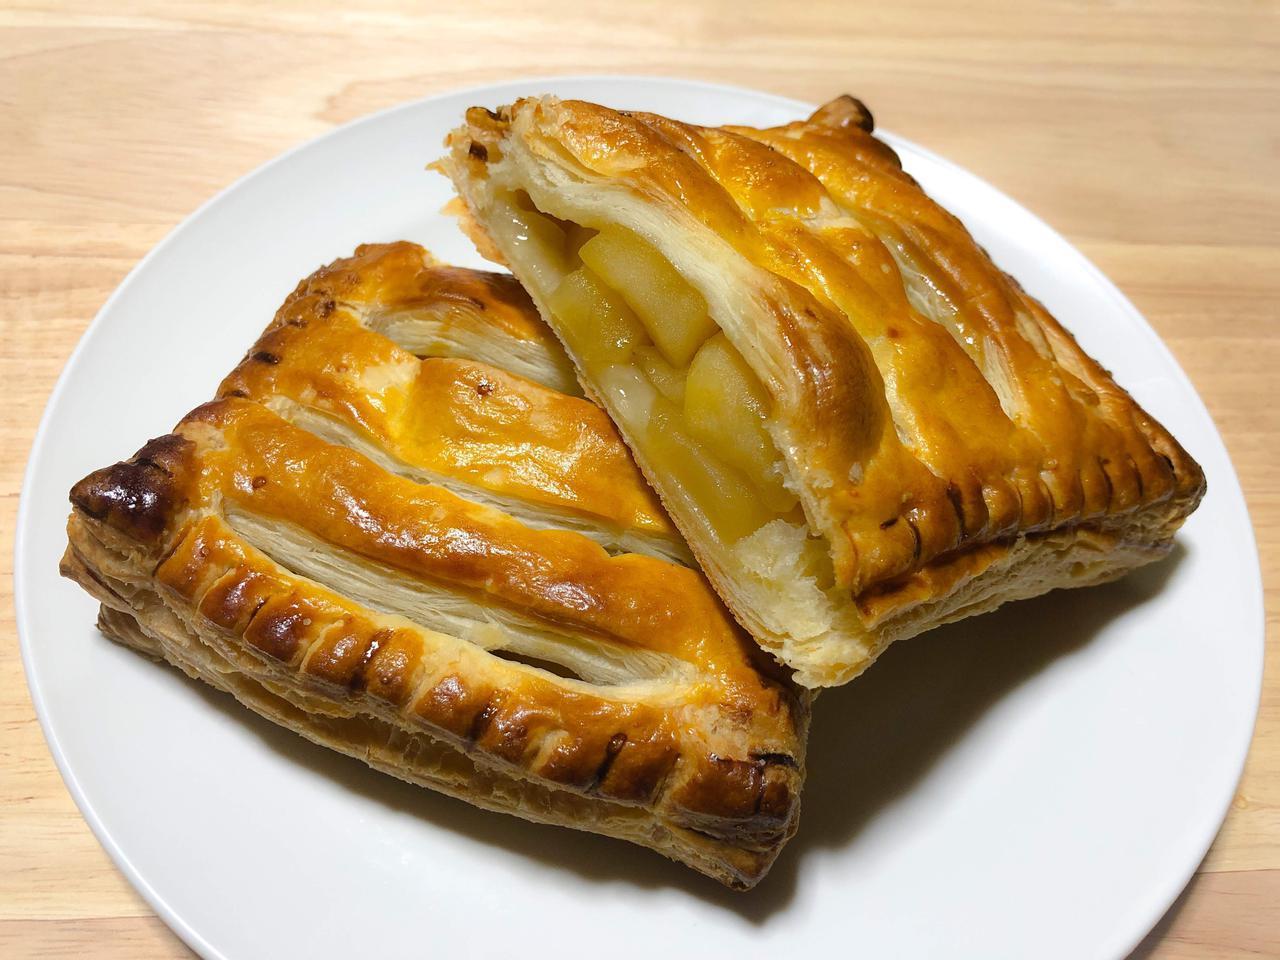 画像: 【レシピ公開】サクサクアップルパイの作り方 パイシートとパイ生地から作る方法2選 - ハピキャン(HAPPY CAMPER)